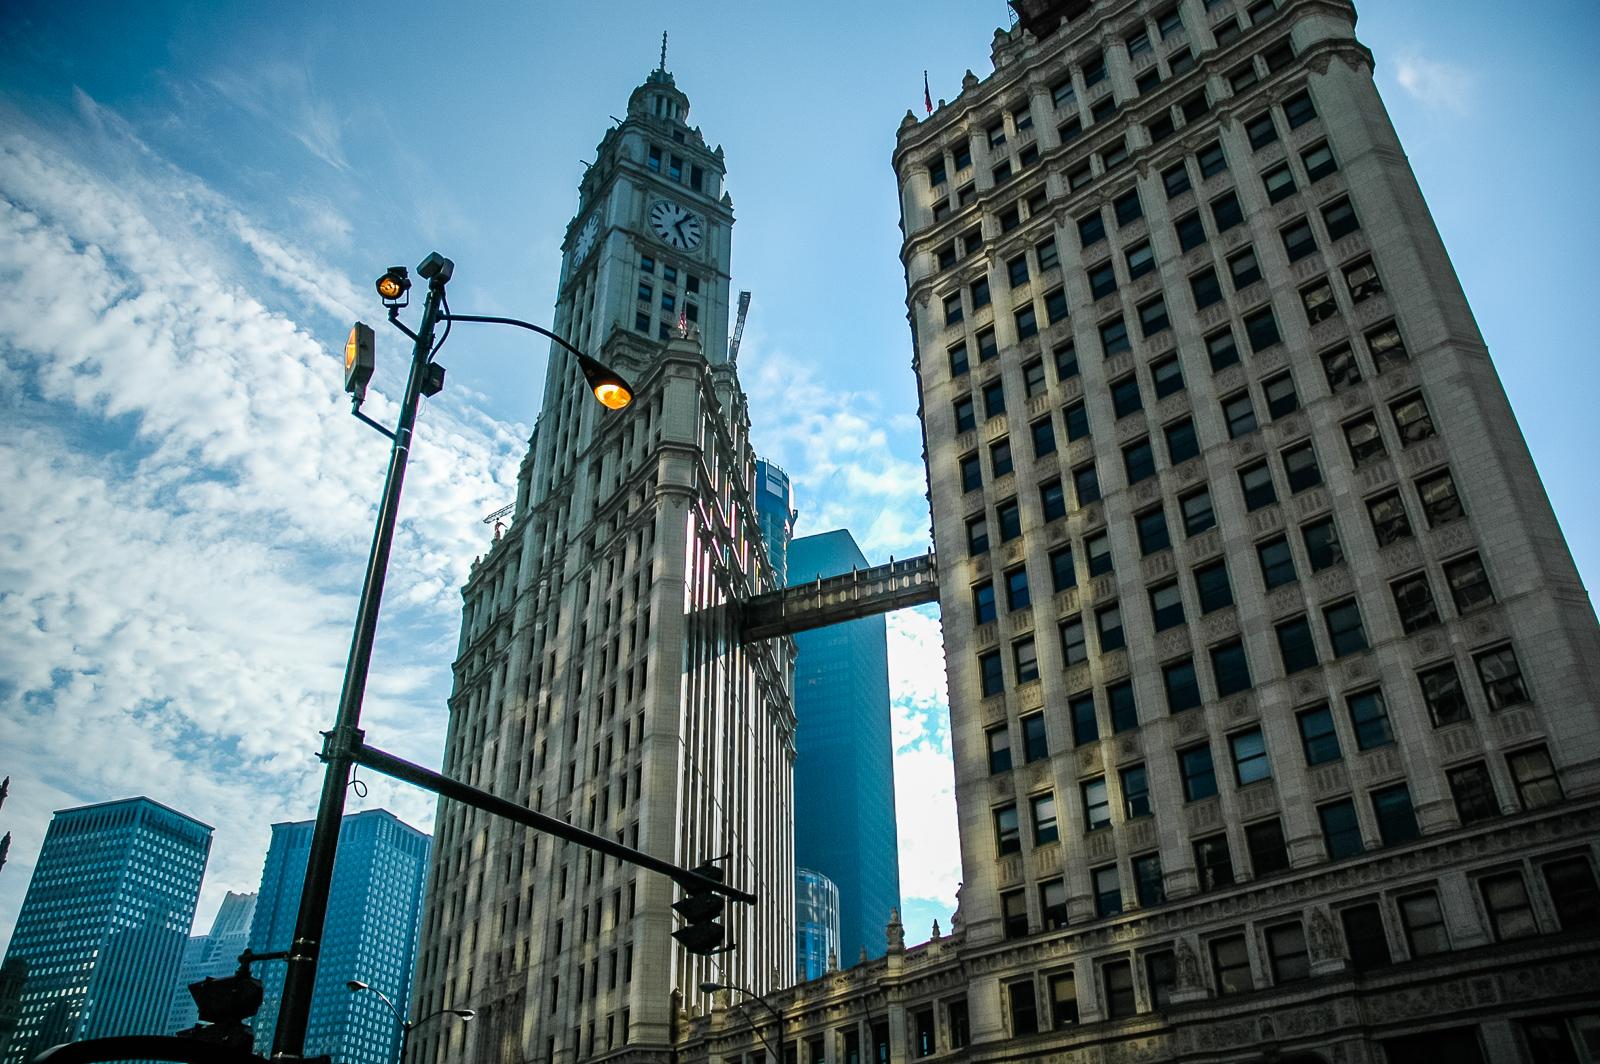 Chicago, Wrigley Building, Big Sky